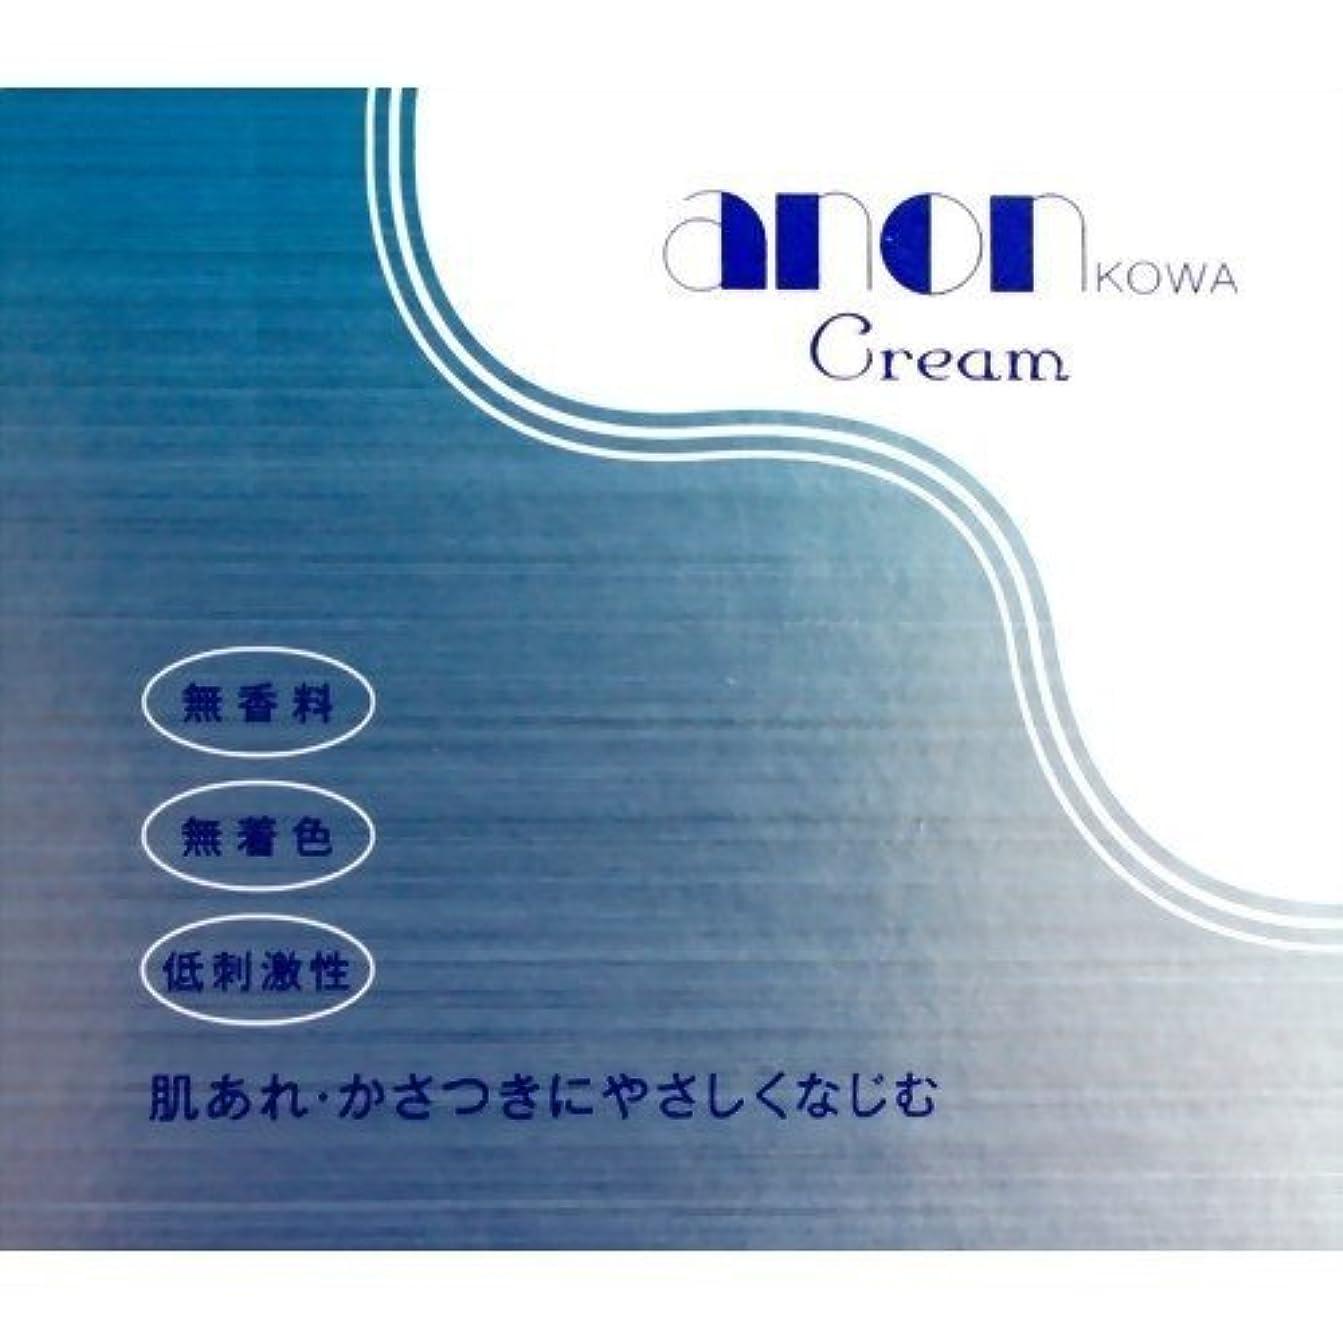 持参ラベかかわらず興和新薬 アノンコーワクリーム(160g)×2